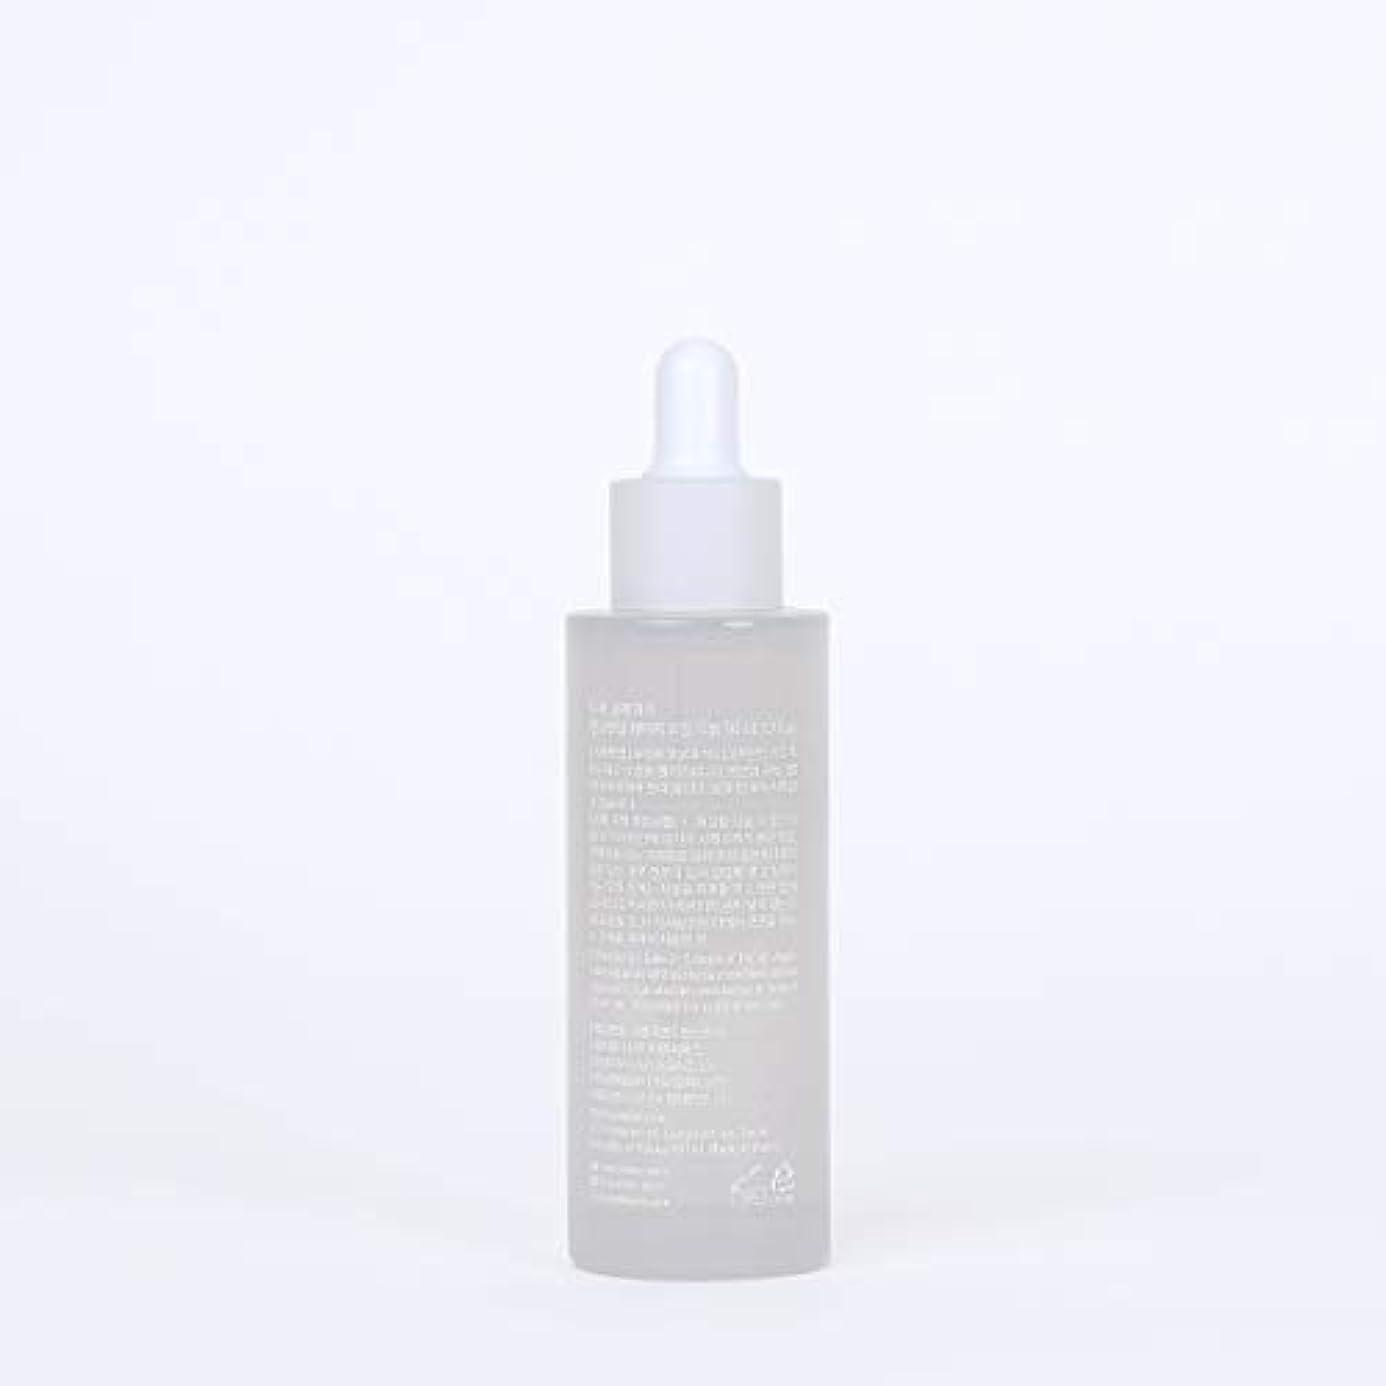 起業家極地有益【クレアス(Klairs)】ファンダメンタルウォーターリーオイルドロップ, Fundamental Watery Oil Drop, 50ml, [並行輸入品]